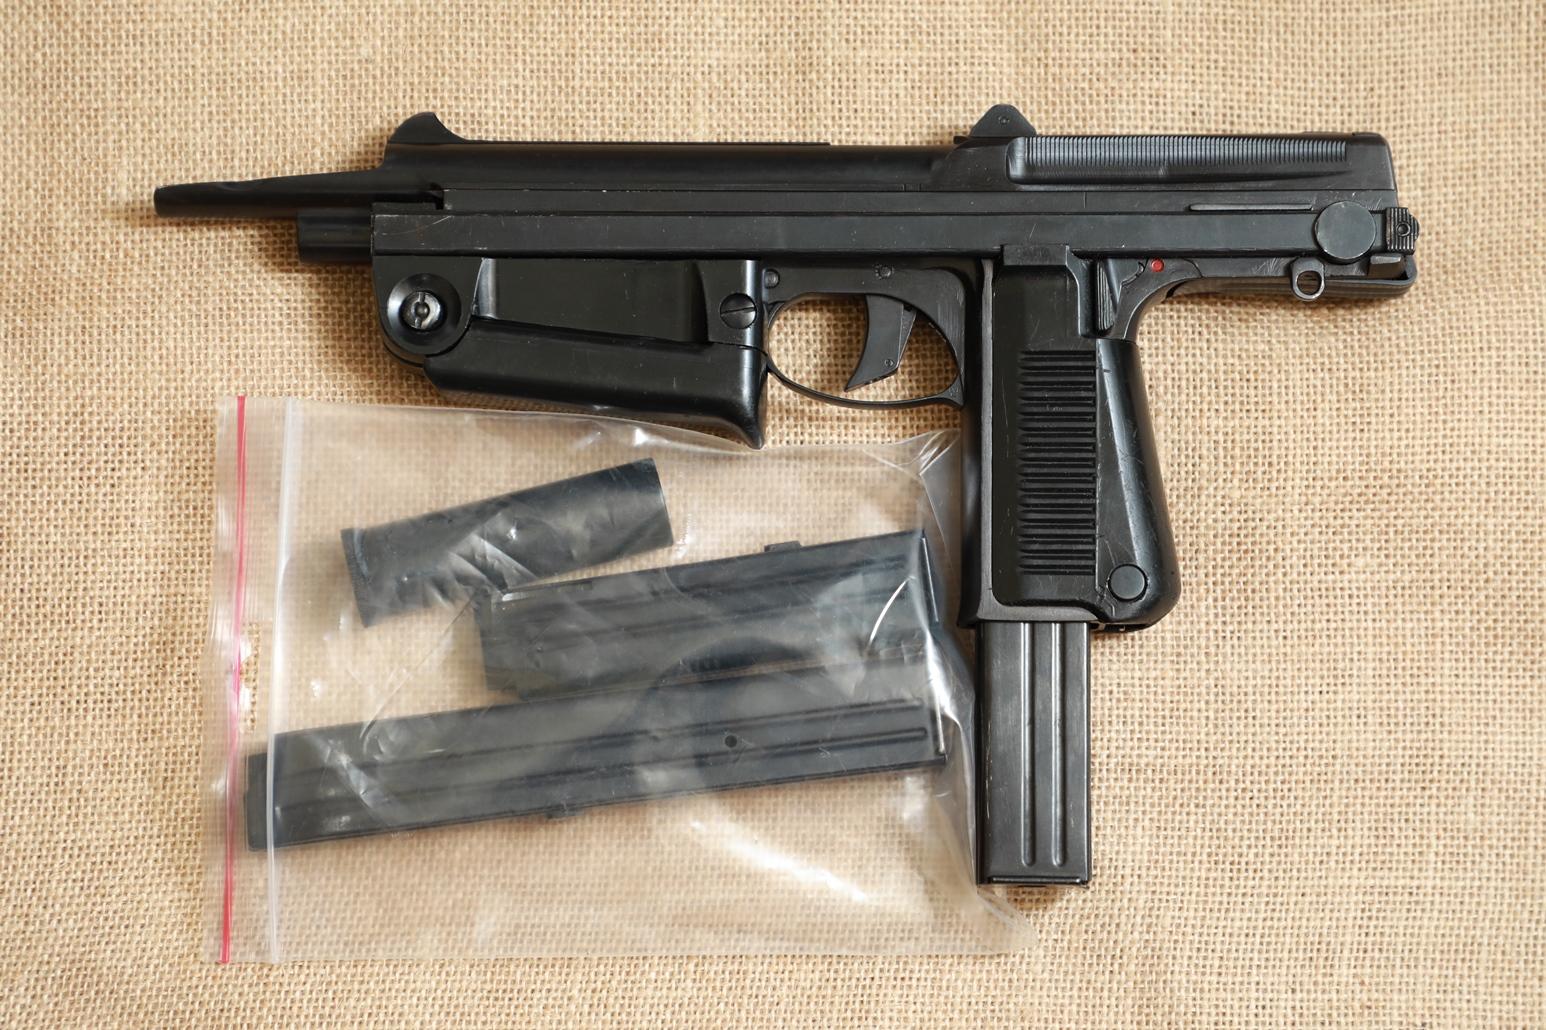 Охолощенный пистолет-пулемет RAK-63 #АМ 06471 1969 год, 1 категория